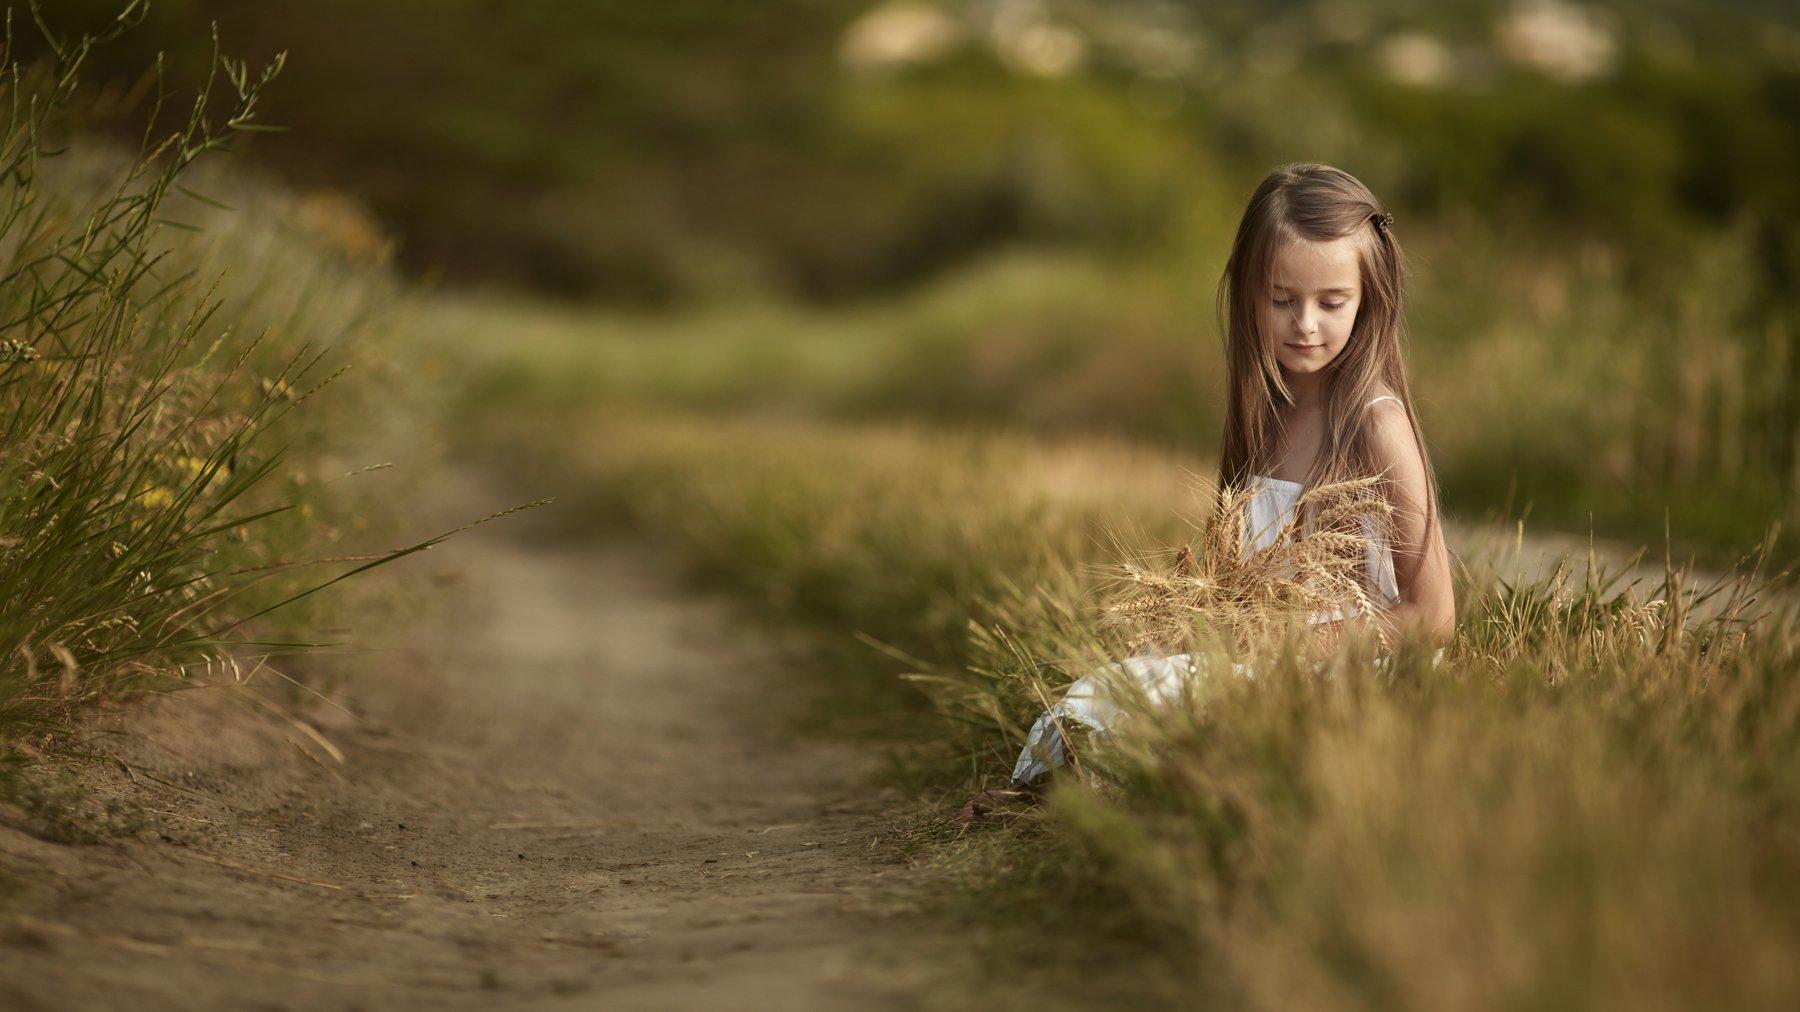 детский фотограф, дети, портрет, художественный портерт, идея детской фотосессии, детский образ, образ, пшеница, платье, ребенок, ребенок в кадре,, Щепин Сергей